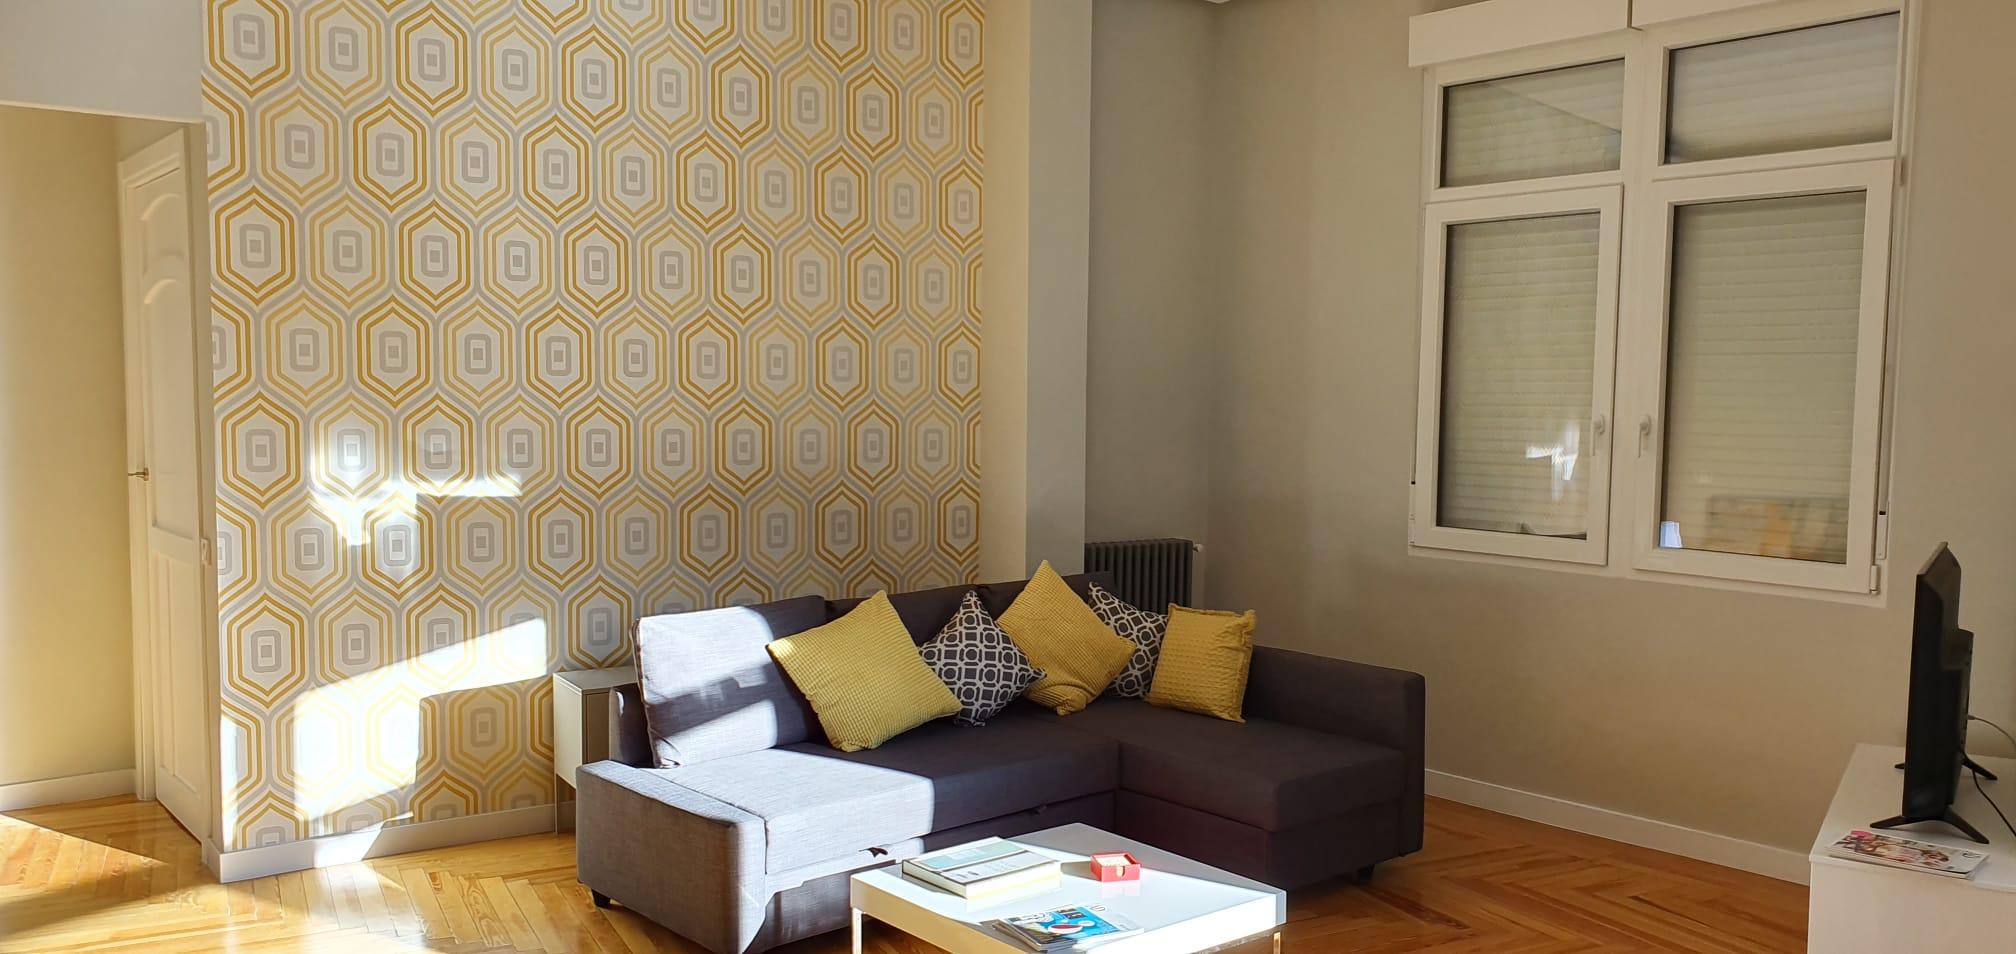 Decoración papel pintado en apartamento en la Calle Gran Vía de Madrid